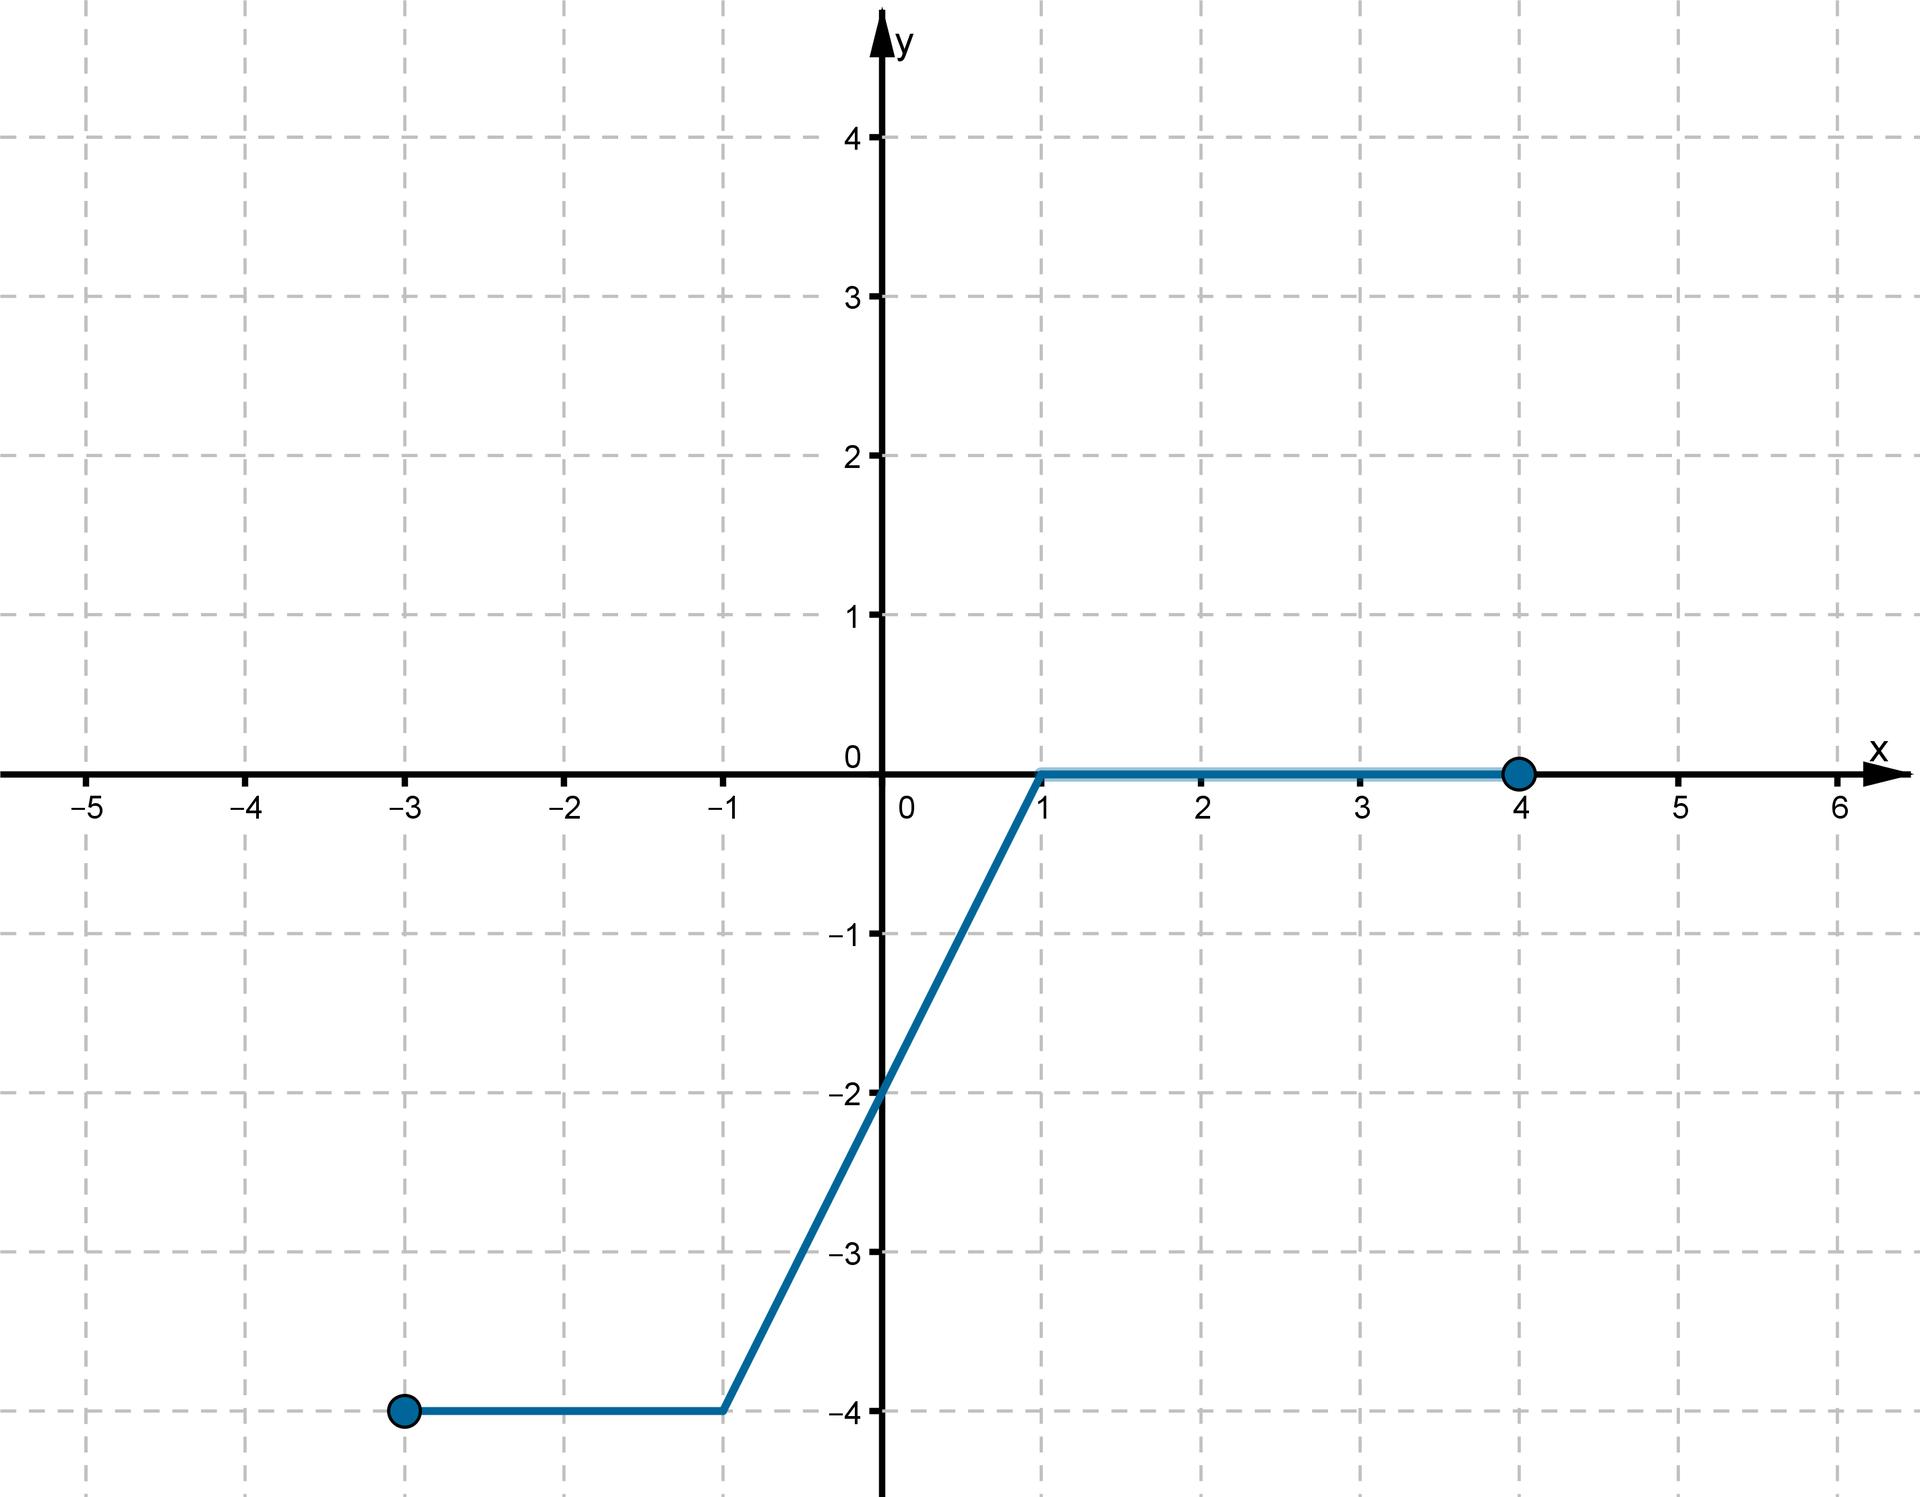 Wykres otrzymany wwyniku przesunięcia funkcji fo2 jednostki wdół wzdłuż osi OY jest rozwiązaniem zadania podpunkt b. Do wykresu należą punkty owspółrzędnych (-3. -4), (-1, -4), (0, -2), (1, 0), (4, 0).